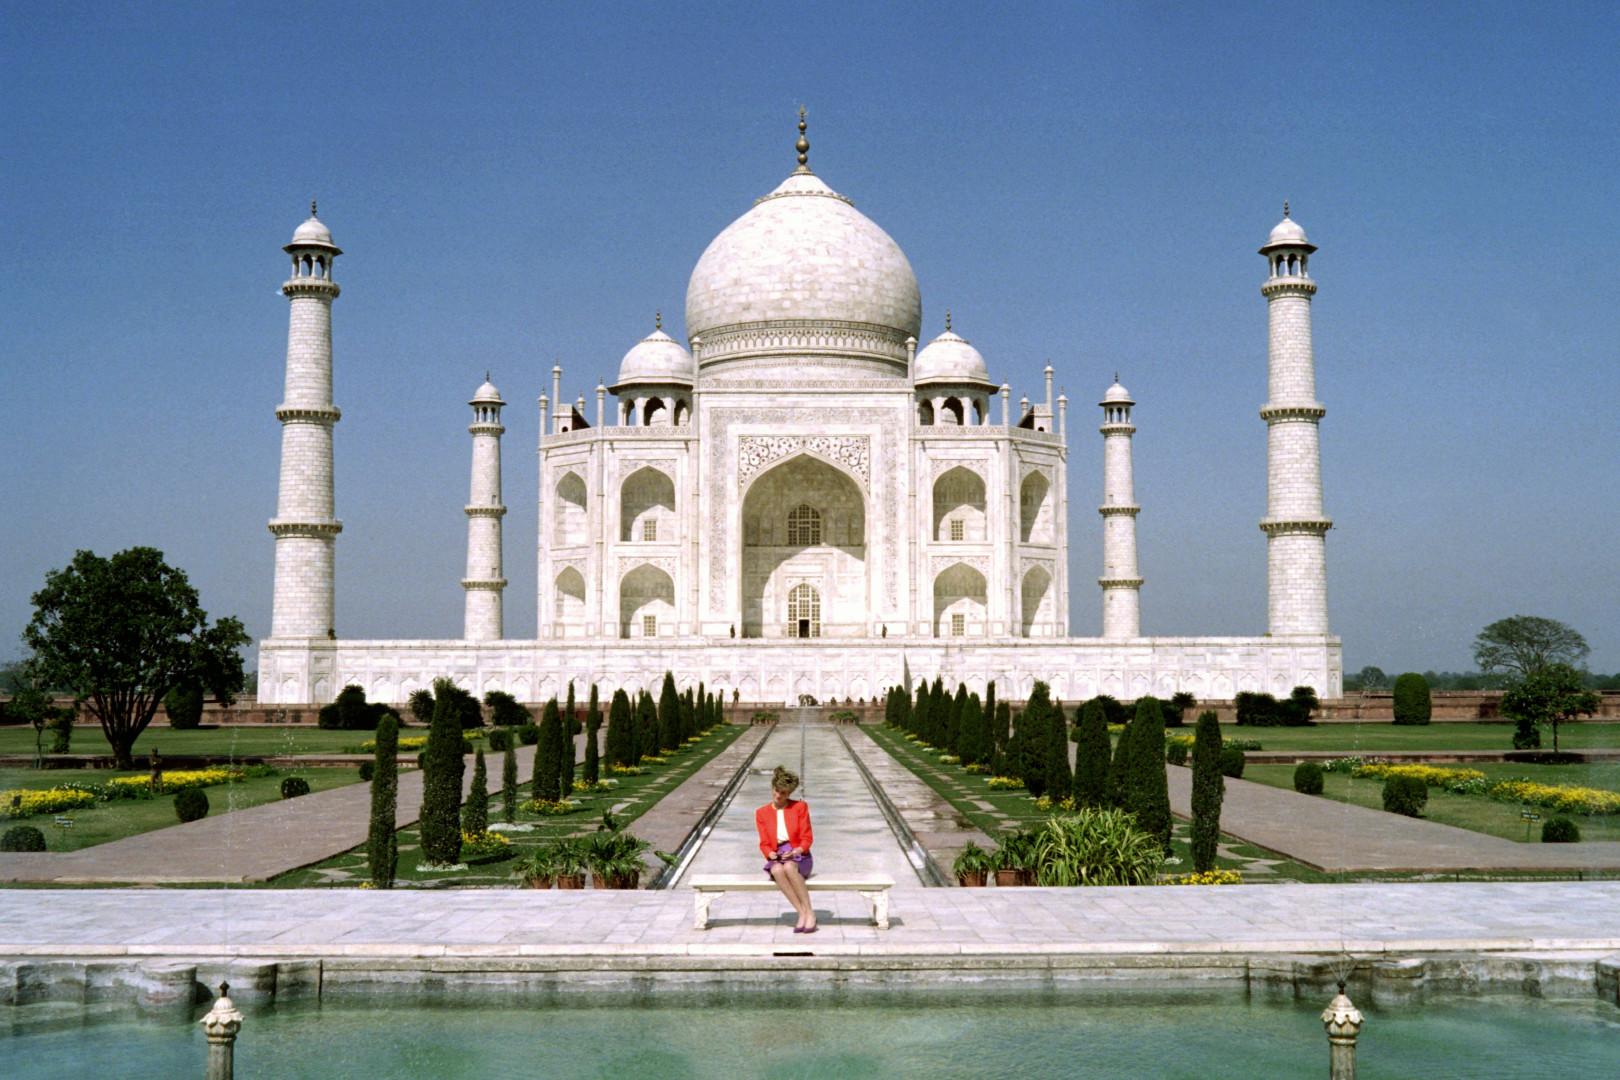 La princesse Diana dans une photo iconique au Taj Mahal le 11 février 1992